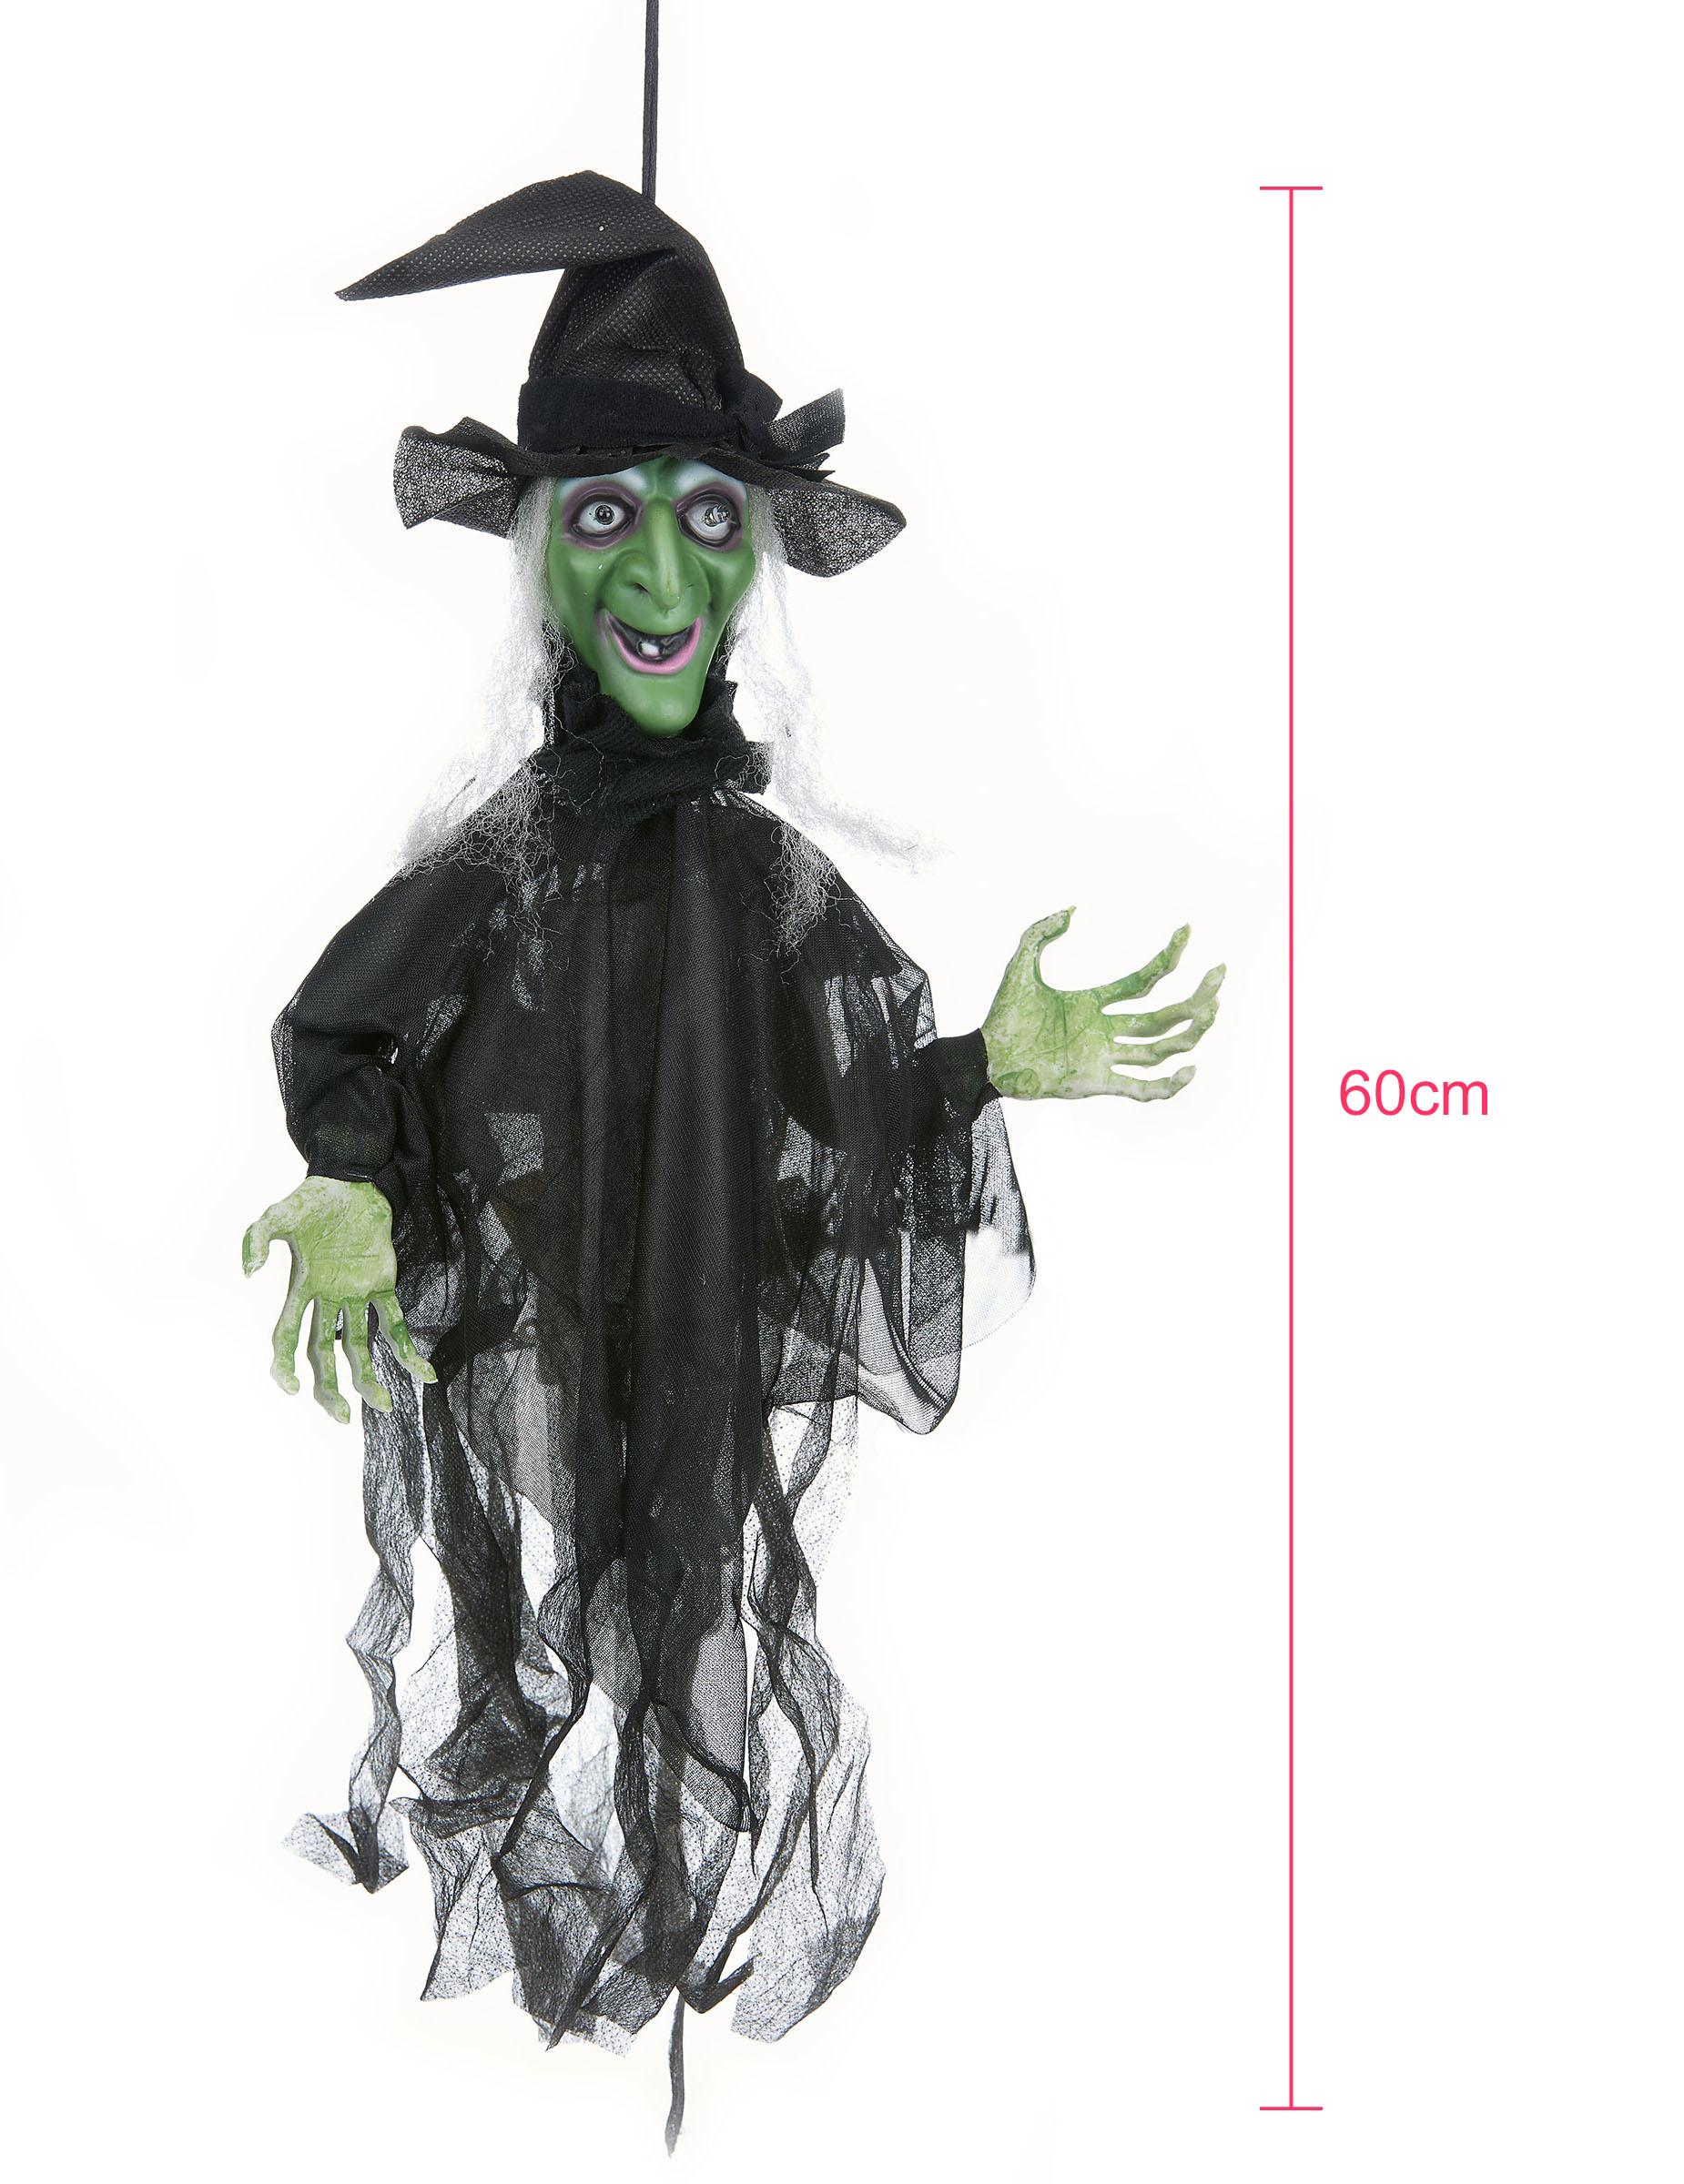 Animierte Hexe Mit Leuchtaugen Und Sound Halloween Deko Schwarz Grun 60cm Gunstige Halloween Partydeko Bei Horrorklinik